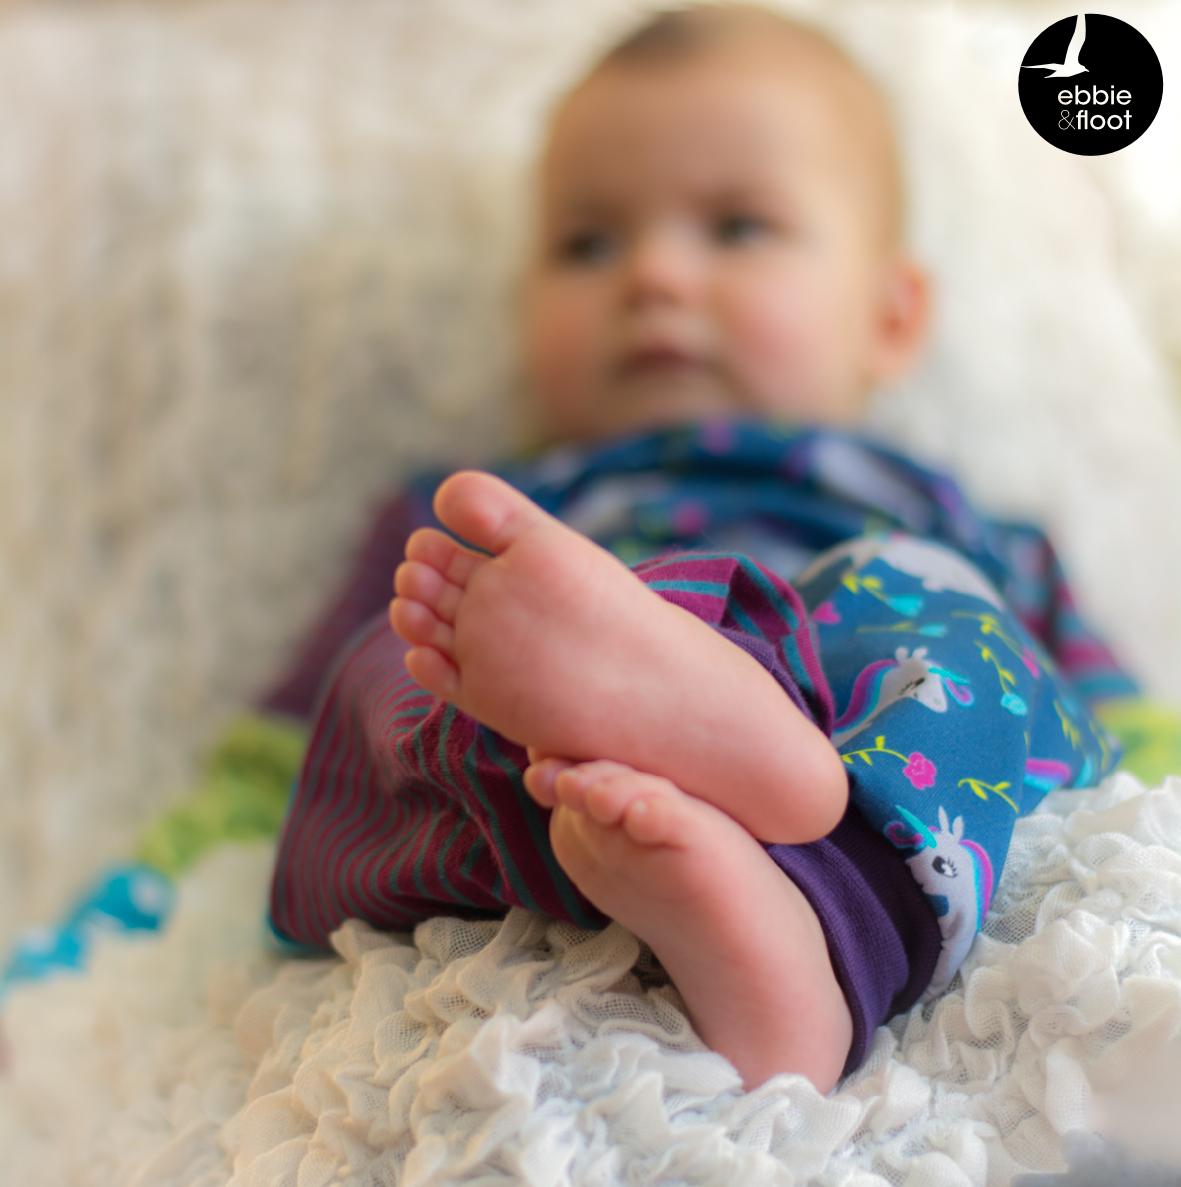 ebbie und floot_Stoff & Liebe_Einhörner_Farbenmix_Zwergenverpackung_Stoffmix_Babykleidung_002